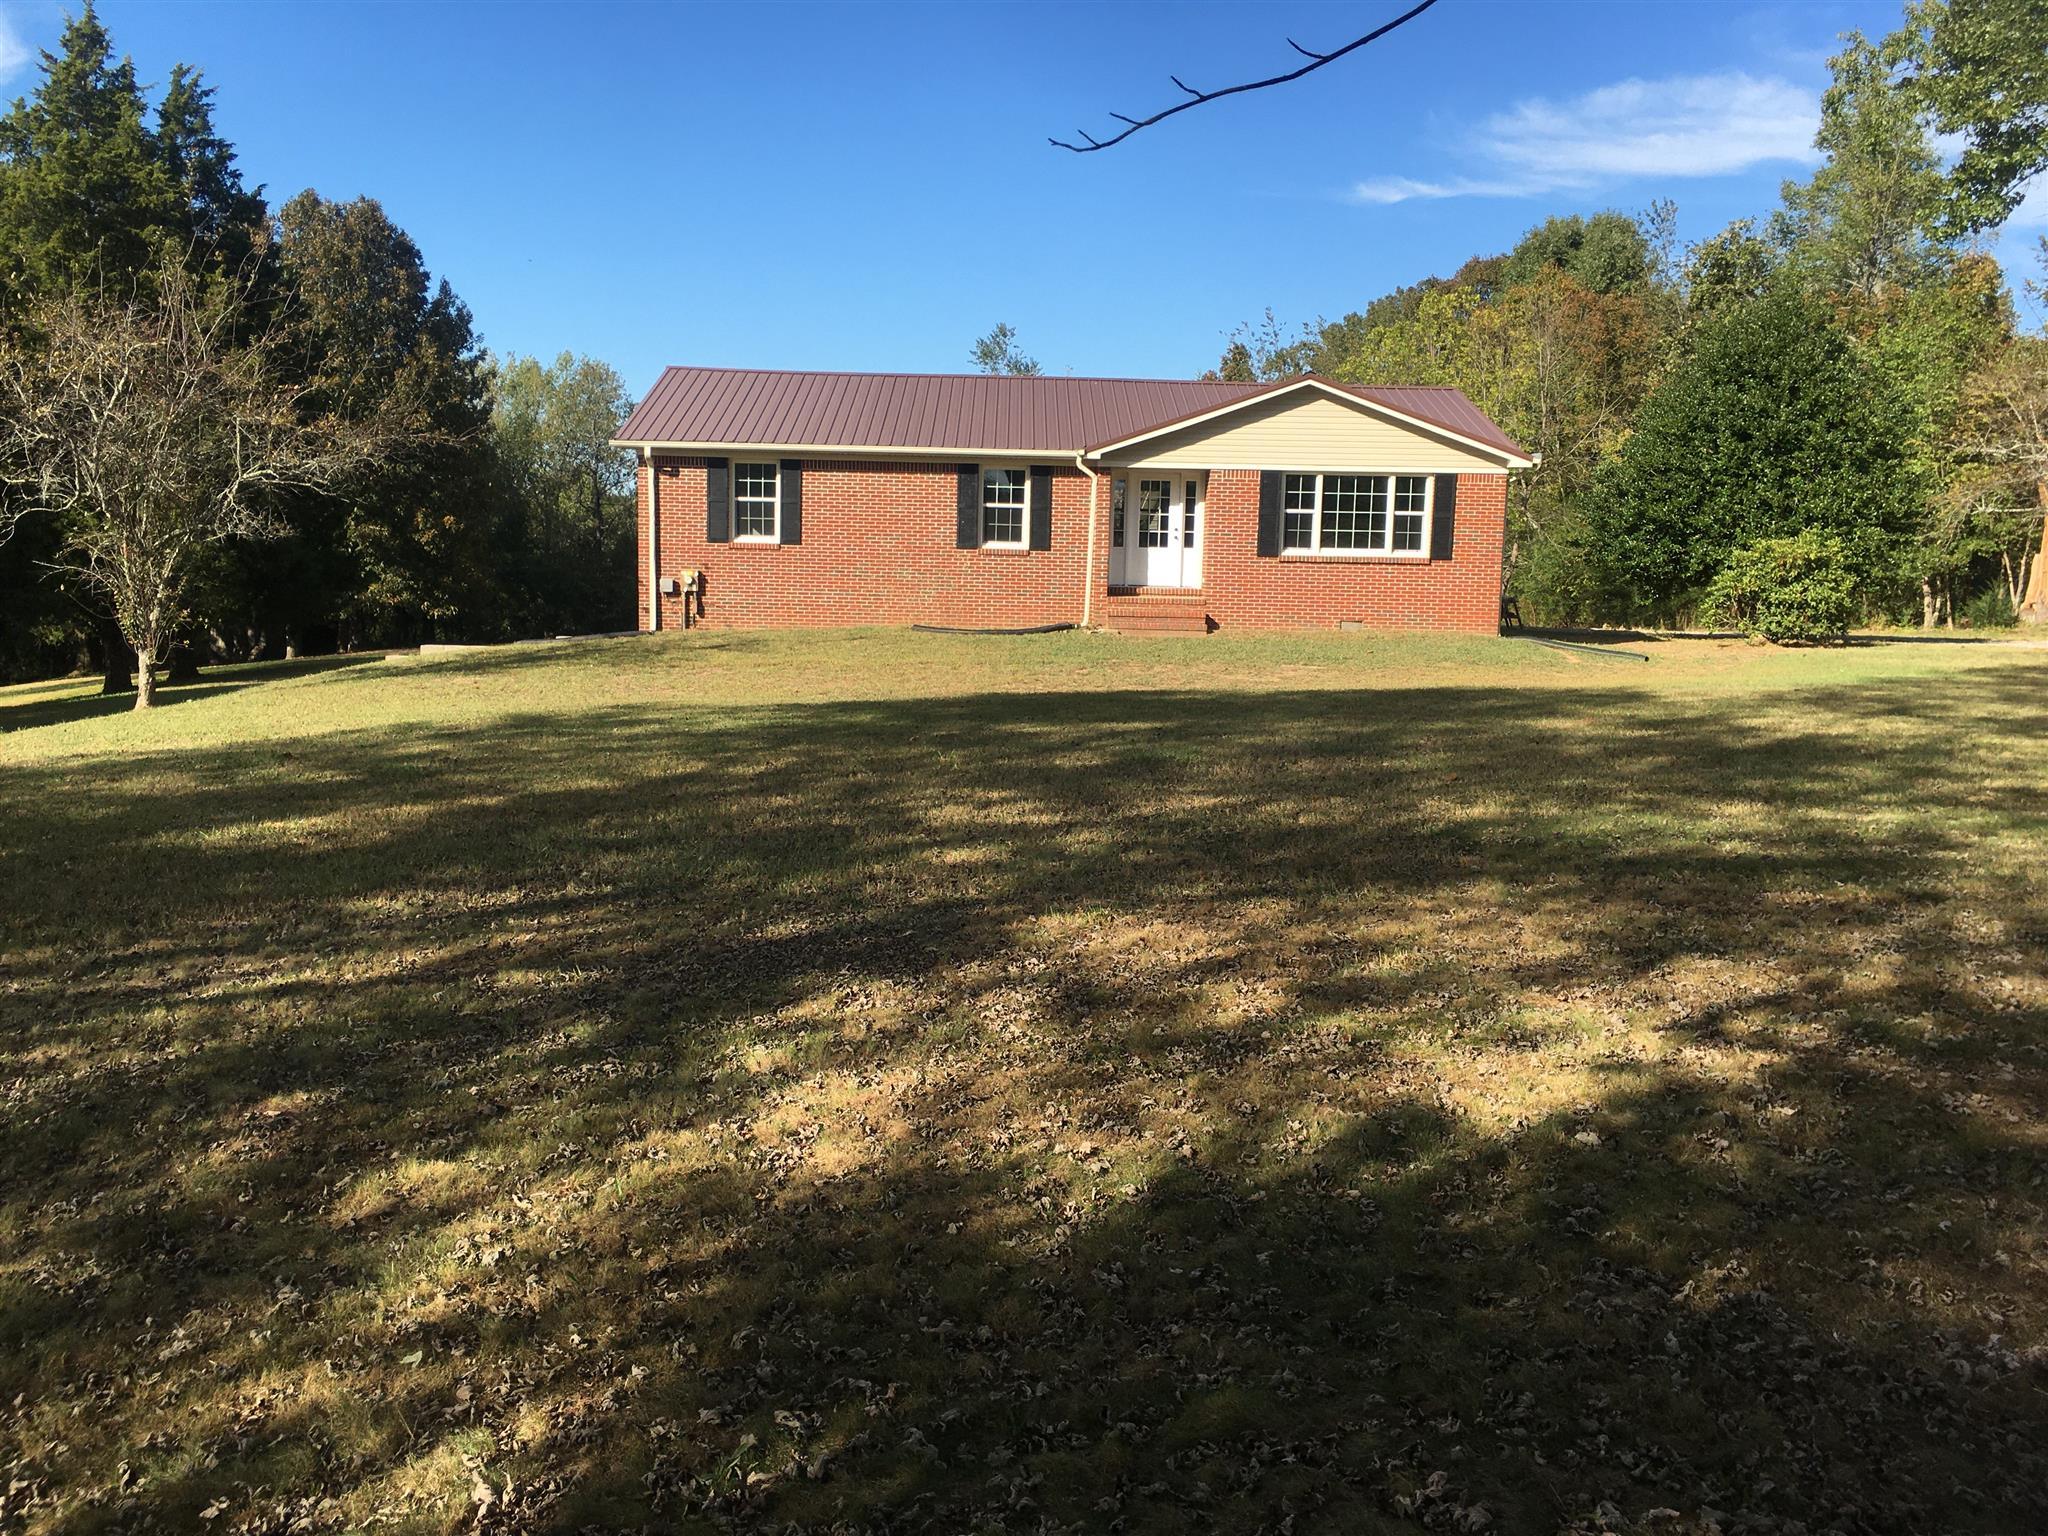 507 Kirby Rd, Mc Minnville, TN 37110 - Mc Minnville, TN real estate listing